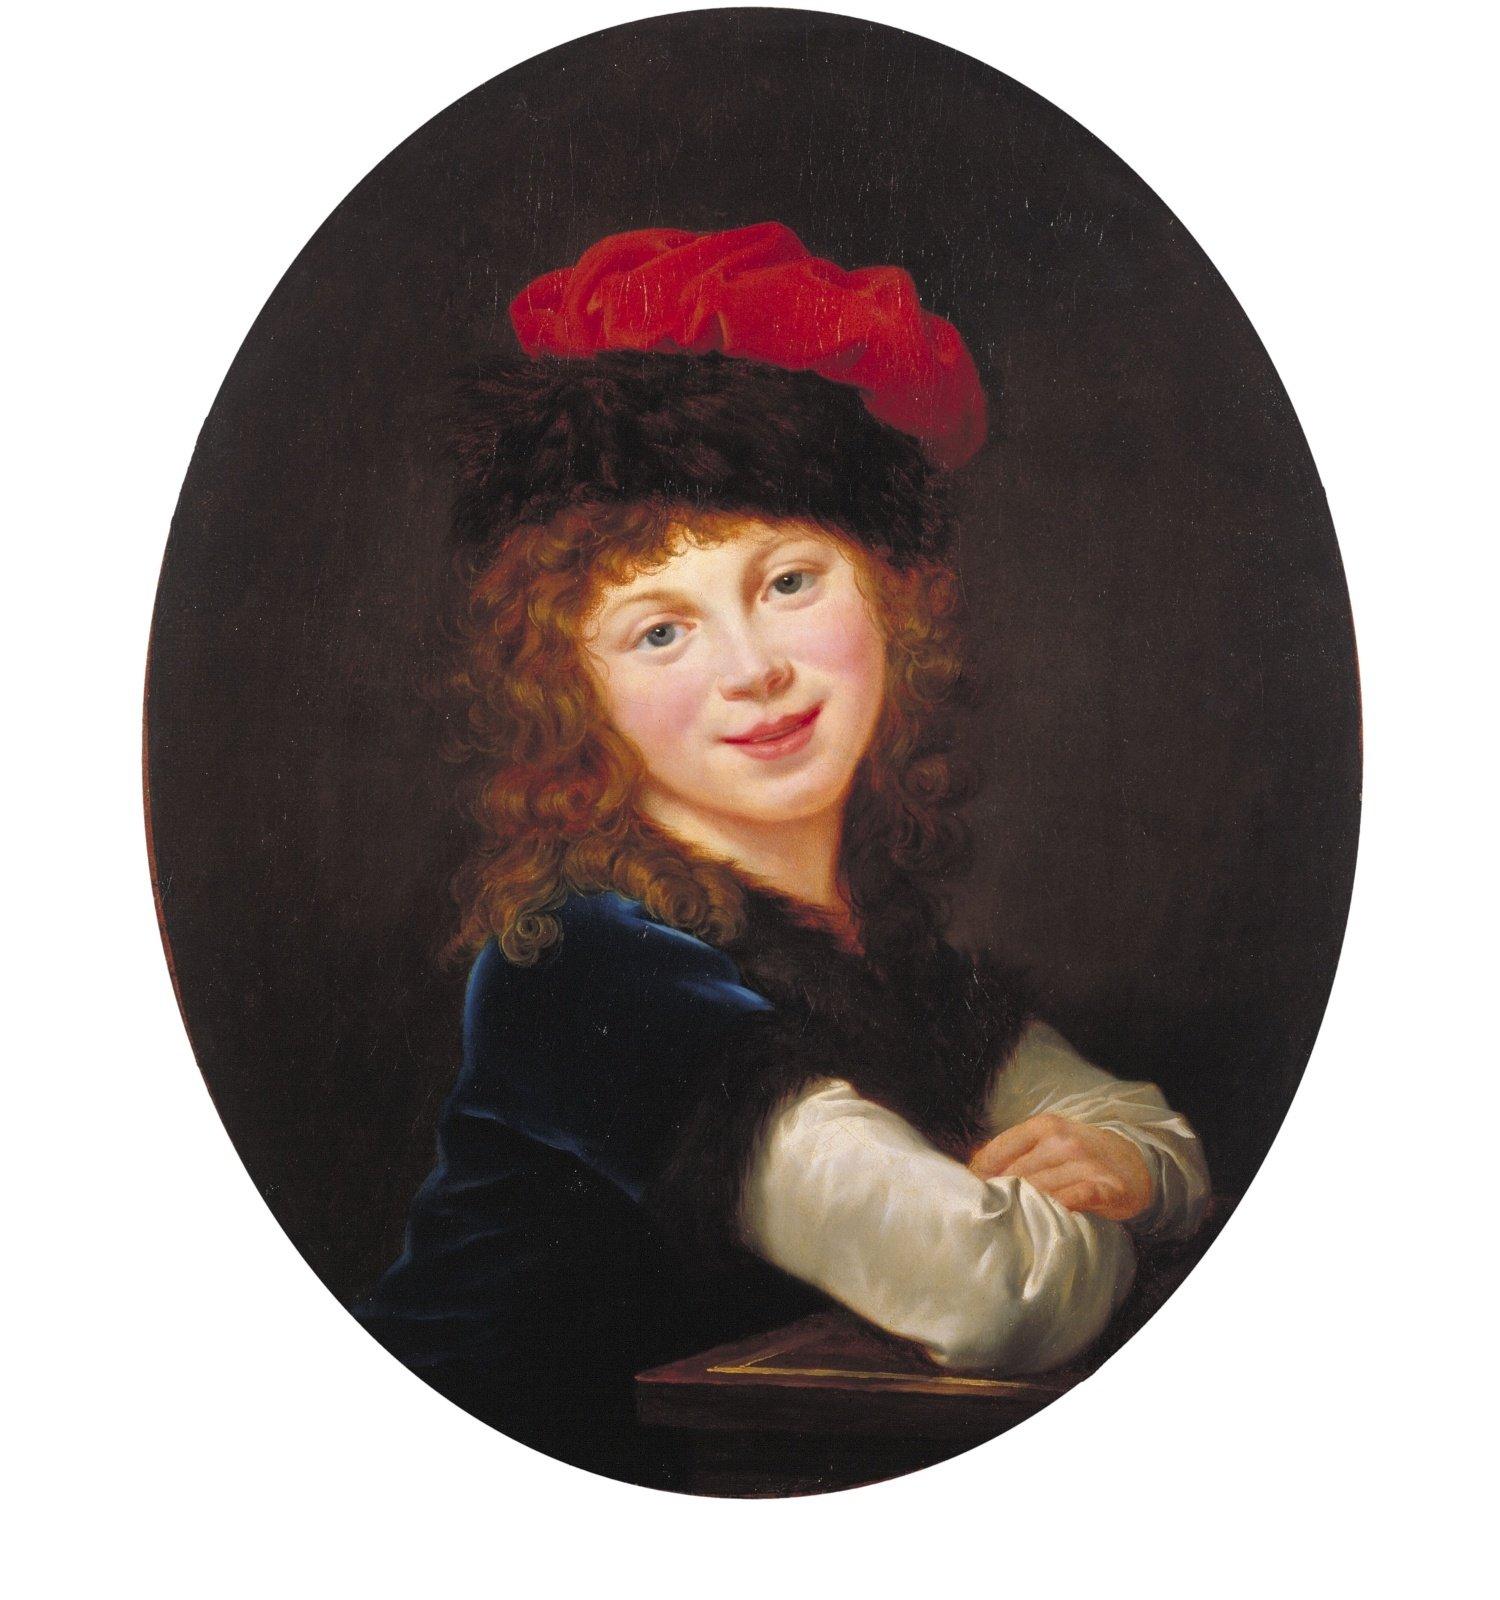 Retrat de nena, Élisabeth-Louise Vigée Le Brun, 1788-1790